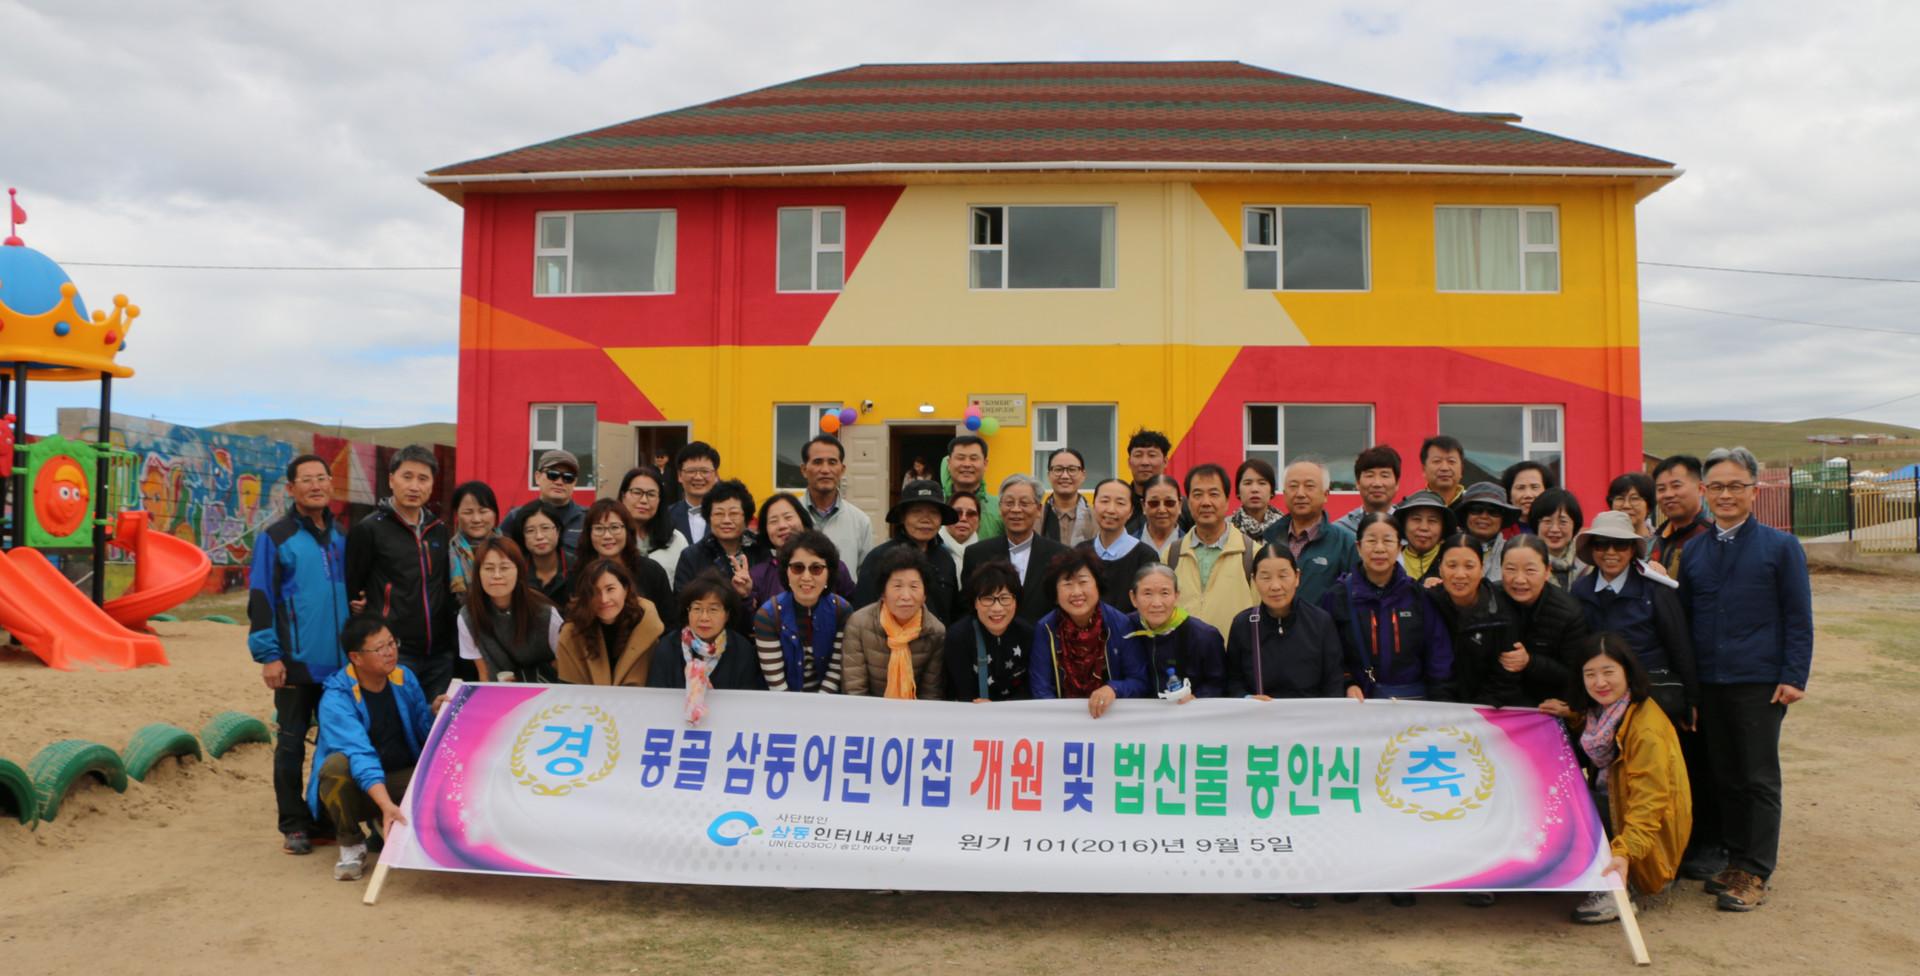 몽골 울란바토르 뱀비어린이집 (건축 및 운영) 전경.JPG